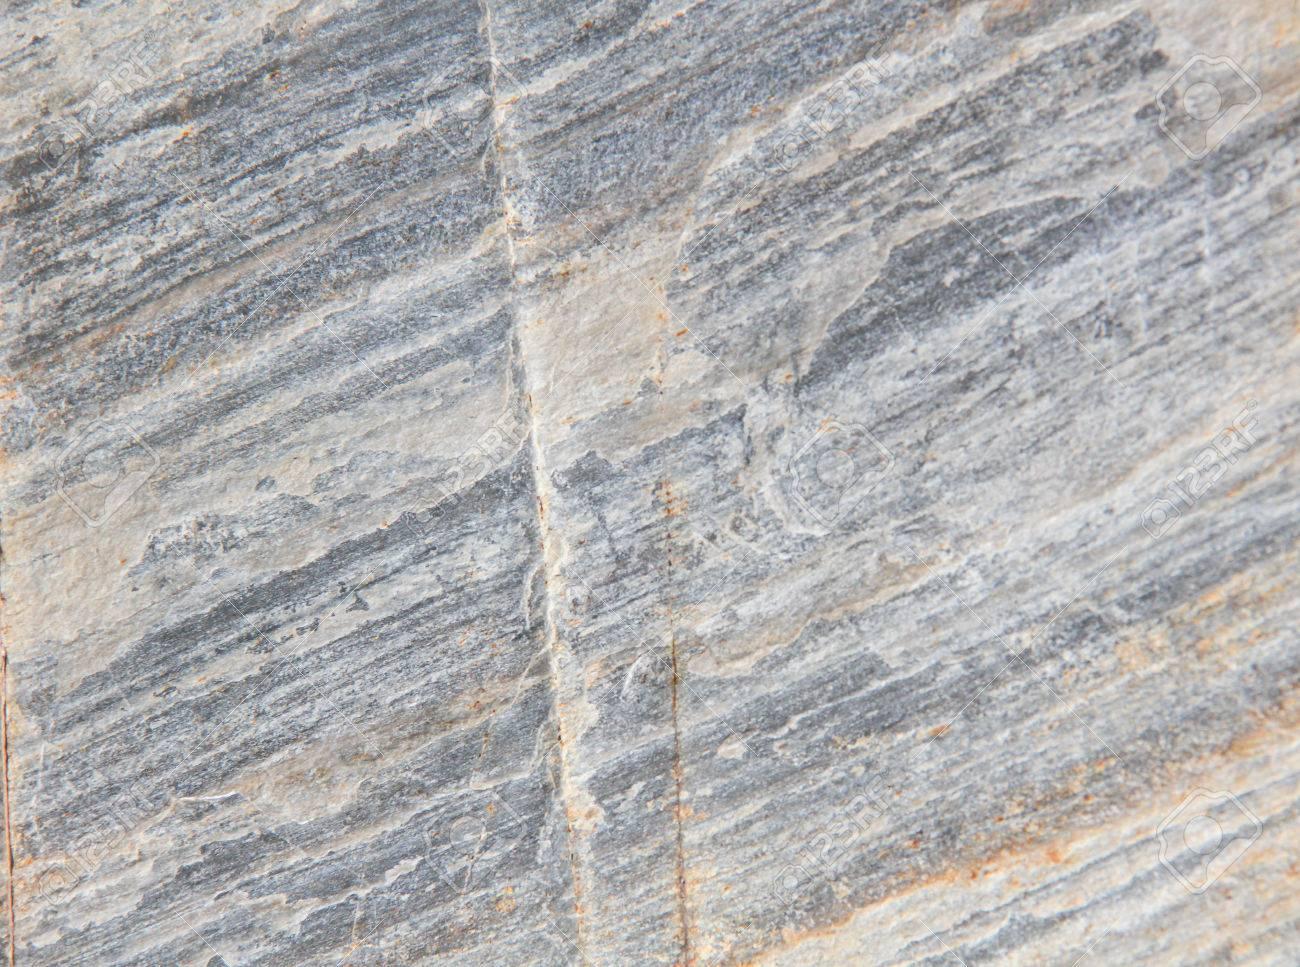 Textur Der Wand Aus Stein Lizenzfreie Fotos, Bilder Und Stock ...